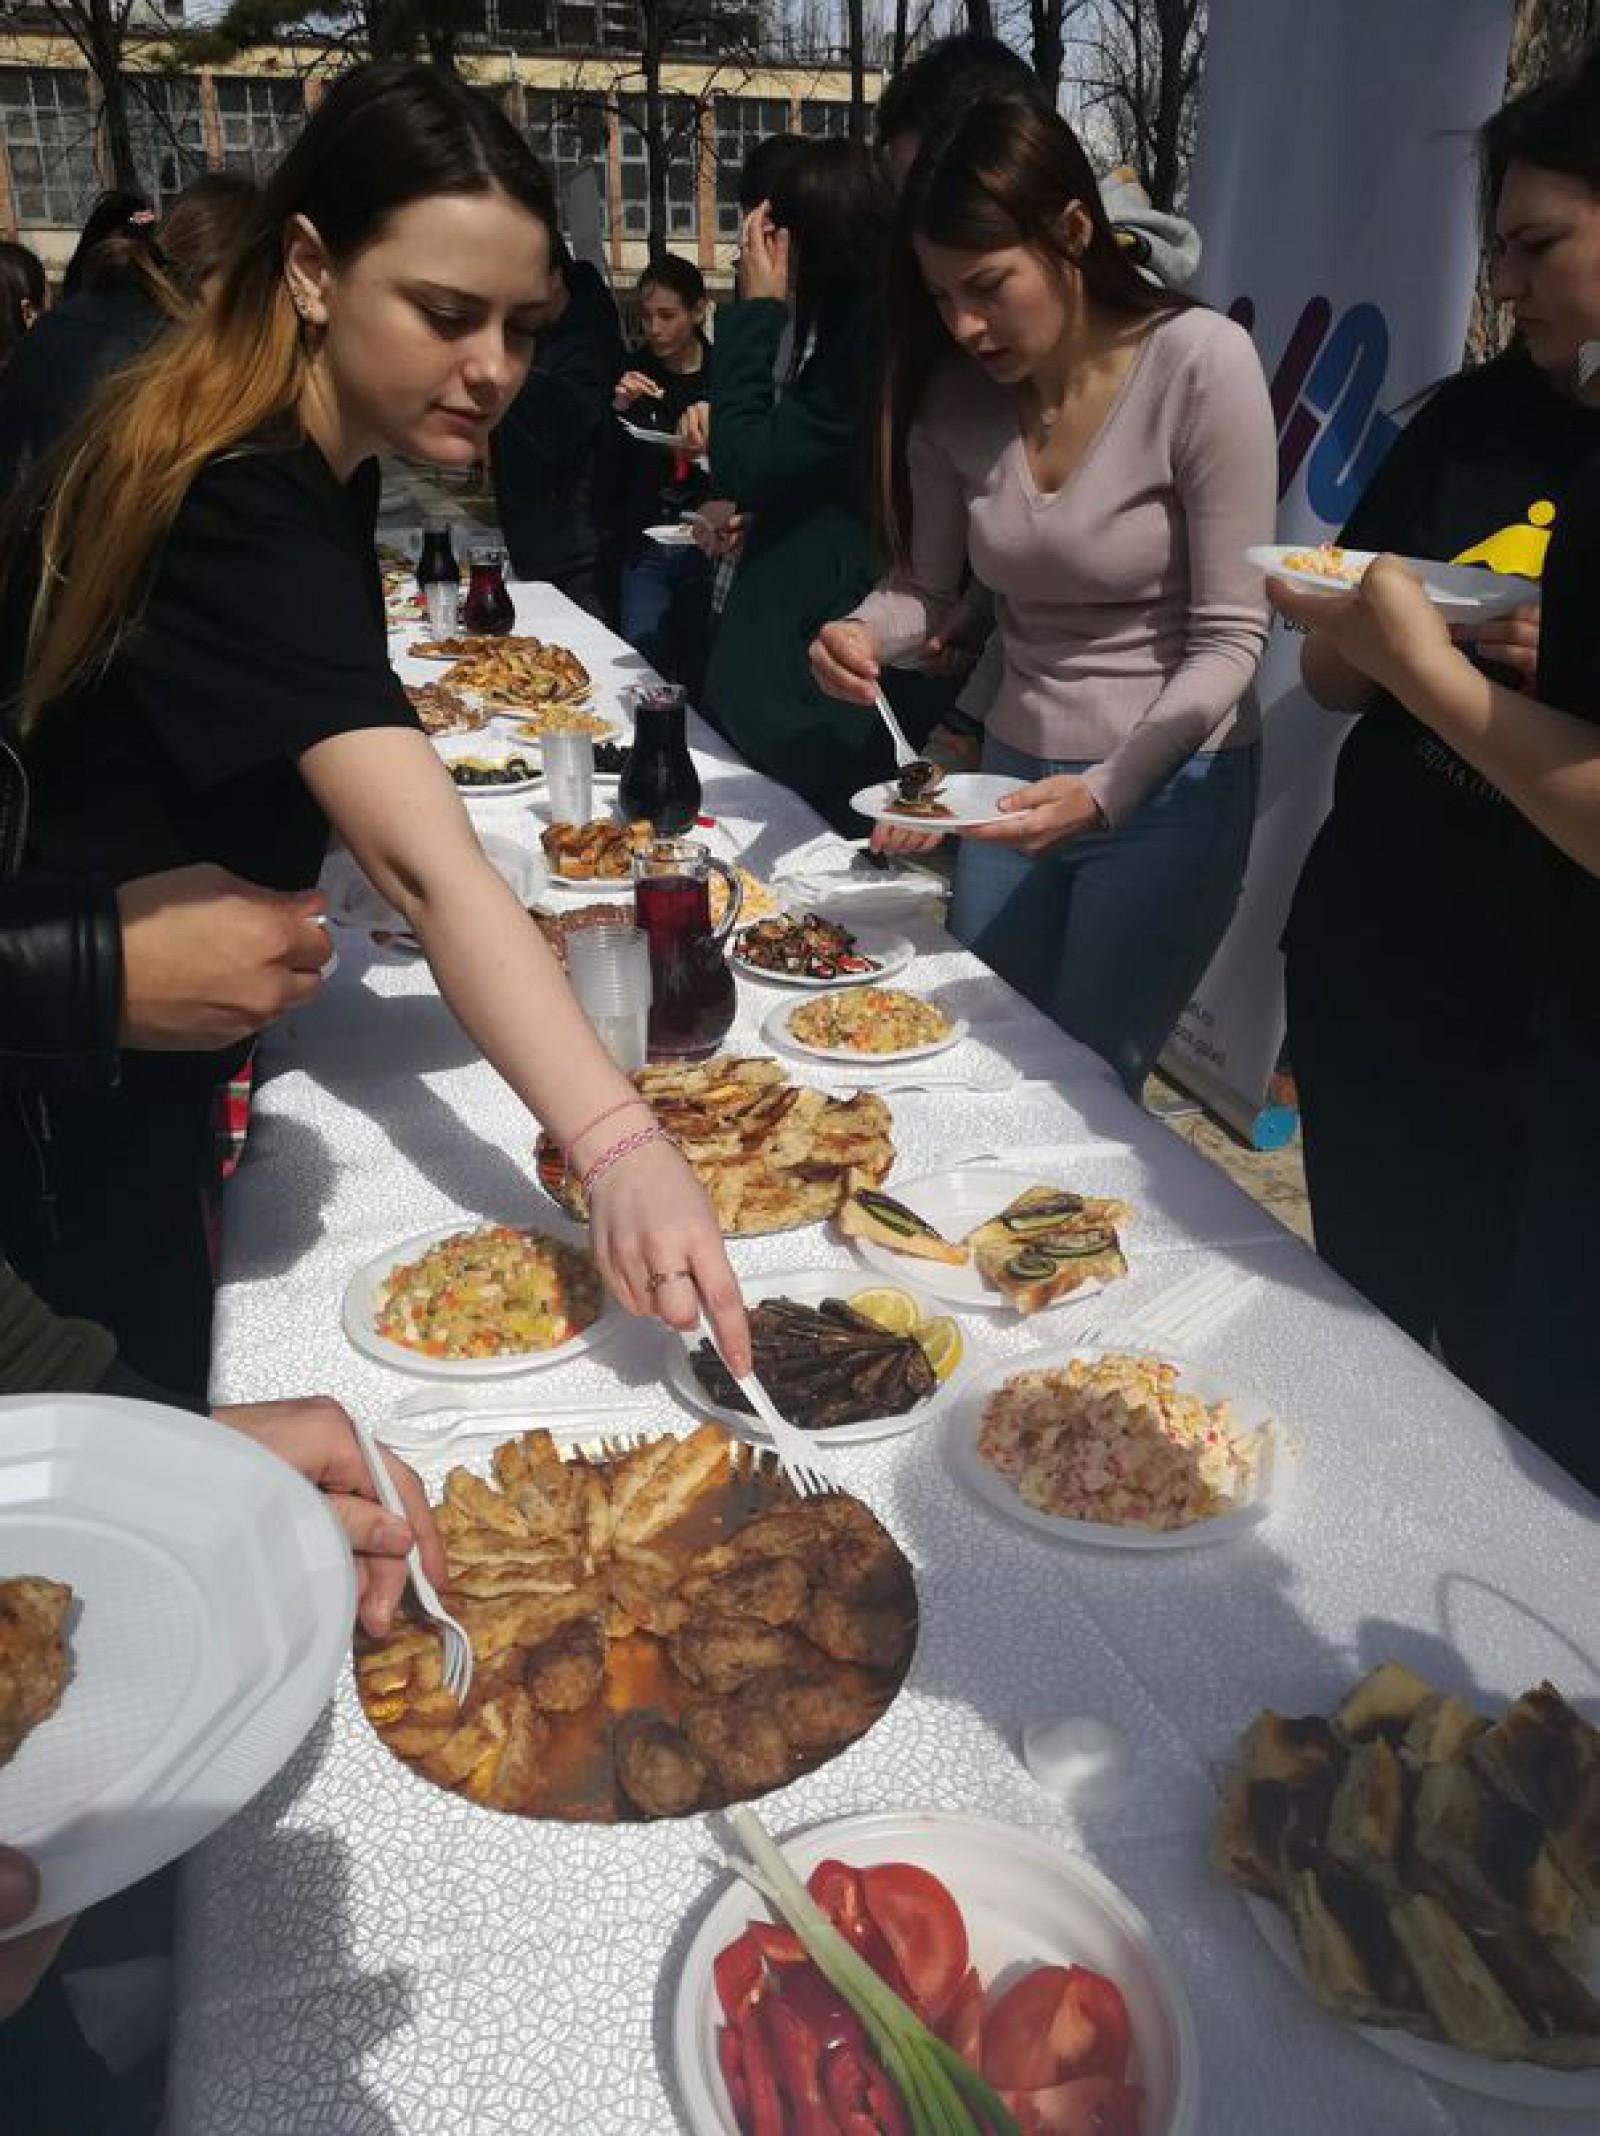 (foto) România: Bucate gătite de studenţii din Republica Moldova, ca la cămin, pe reşouri, pentru colegii lor din Galaţi